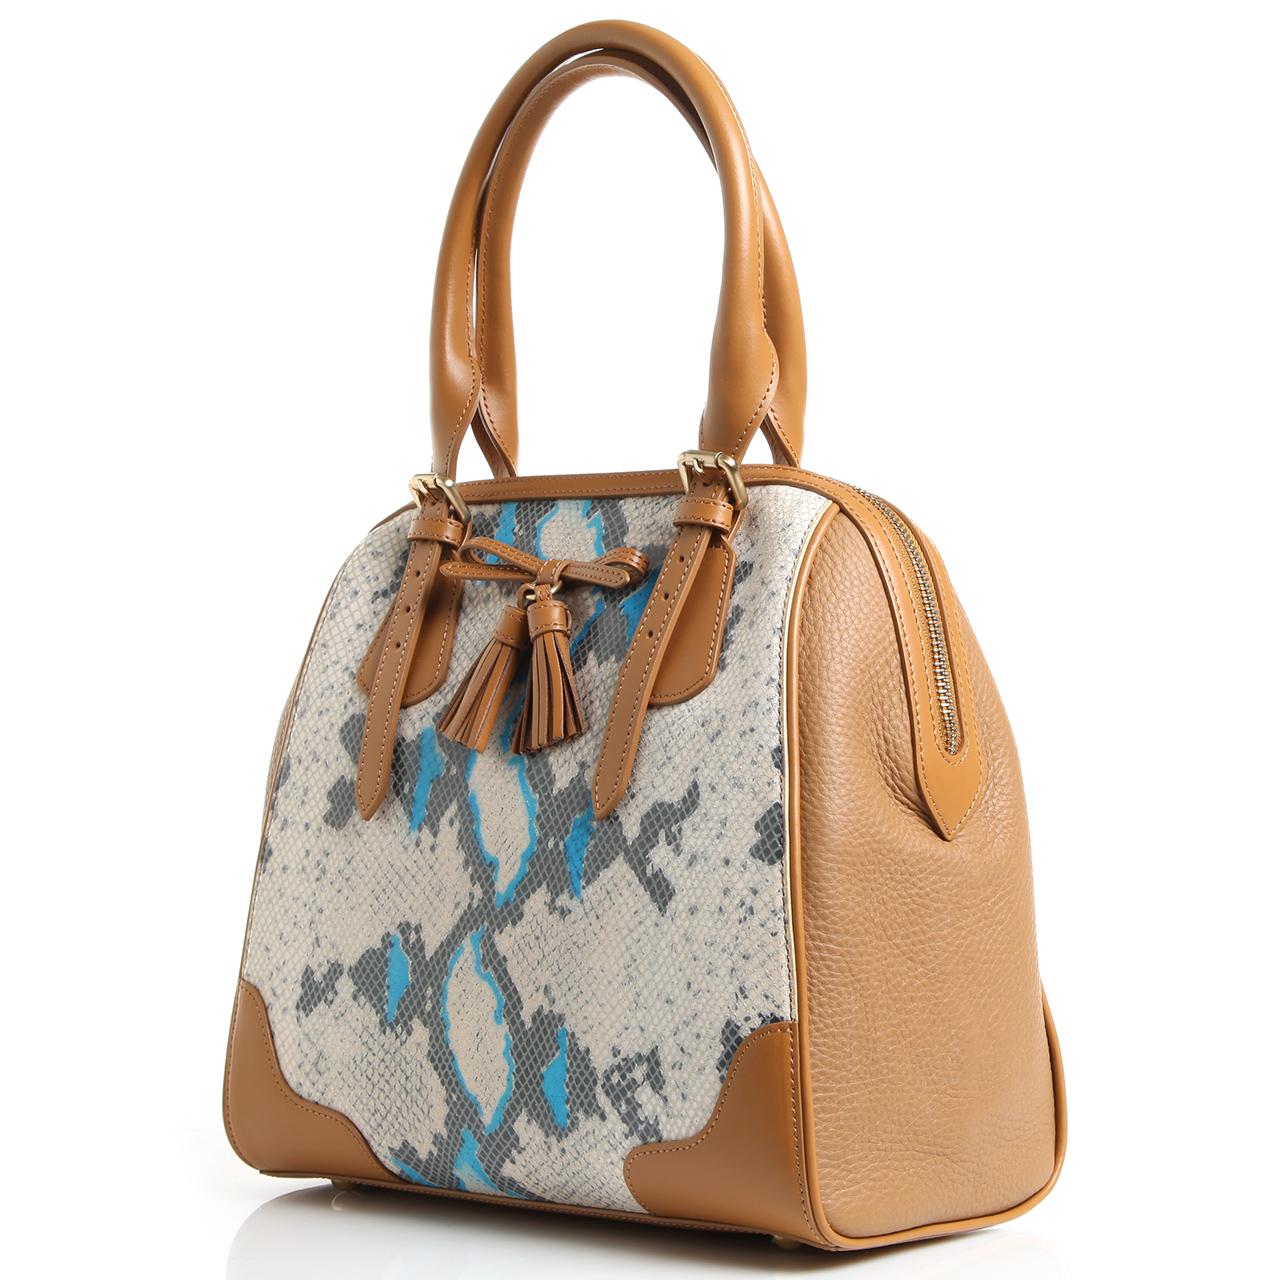 7c2da4c9e10c Кожаные сумки купить в интернет-магазине Домани (Domani)